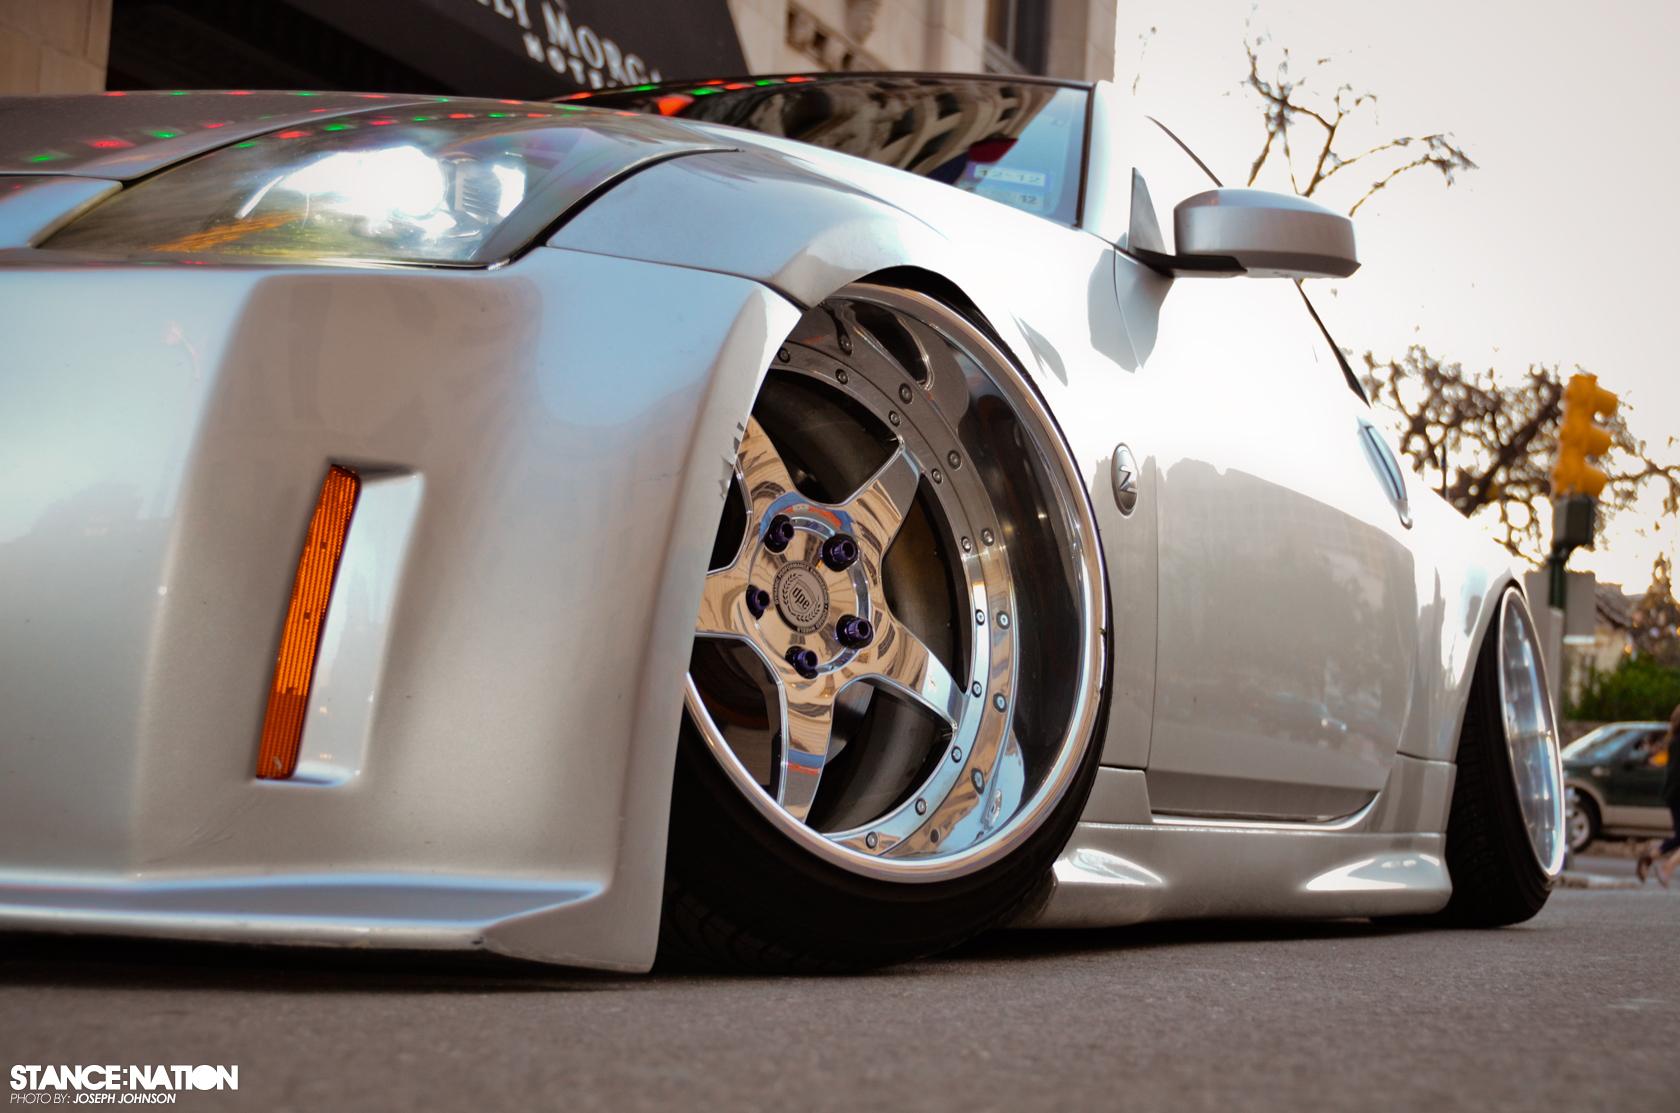 Как сделать колеса кривыми